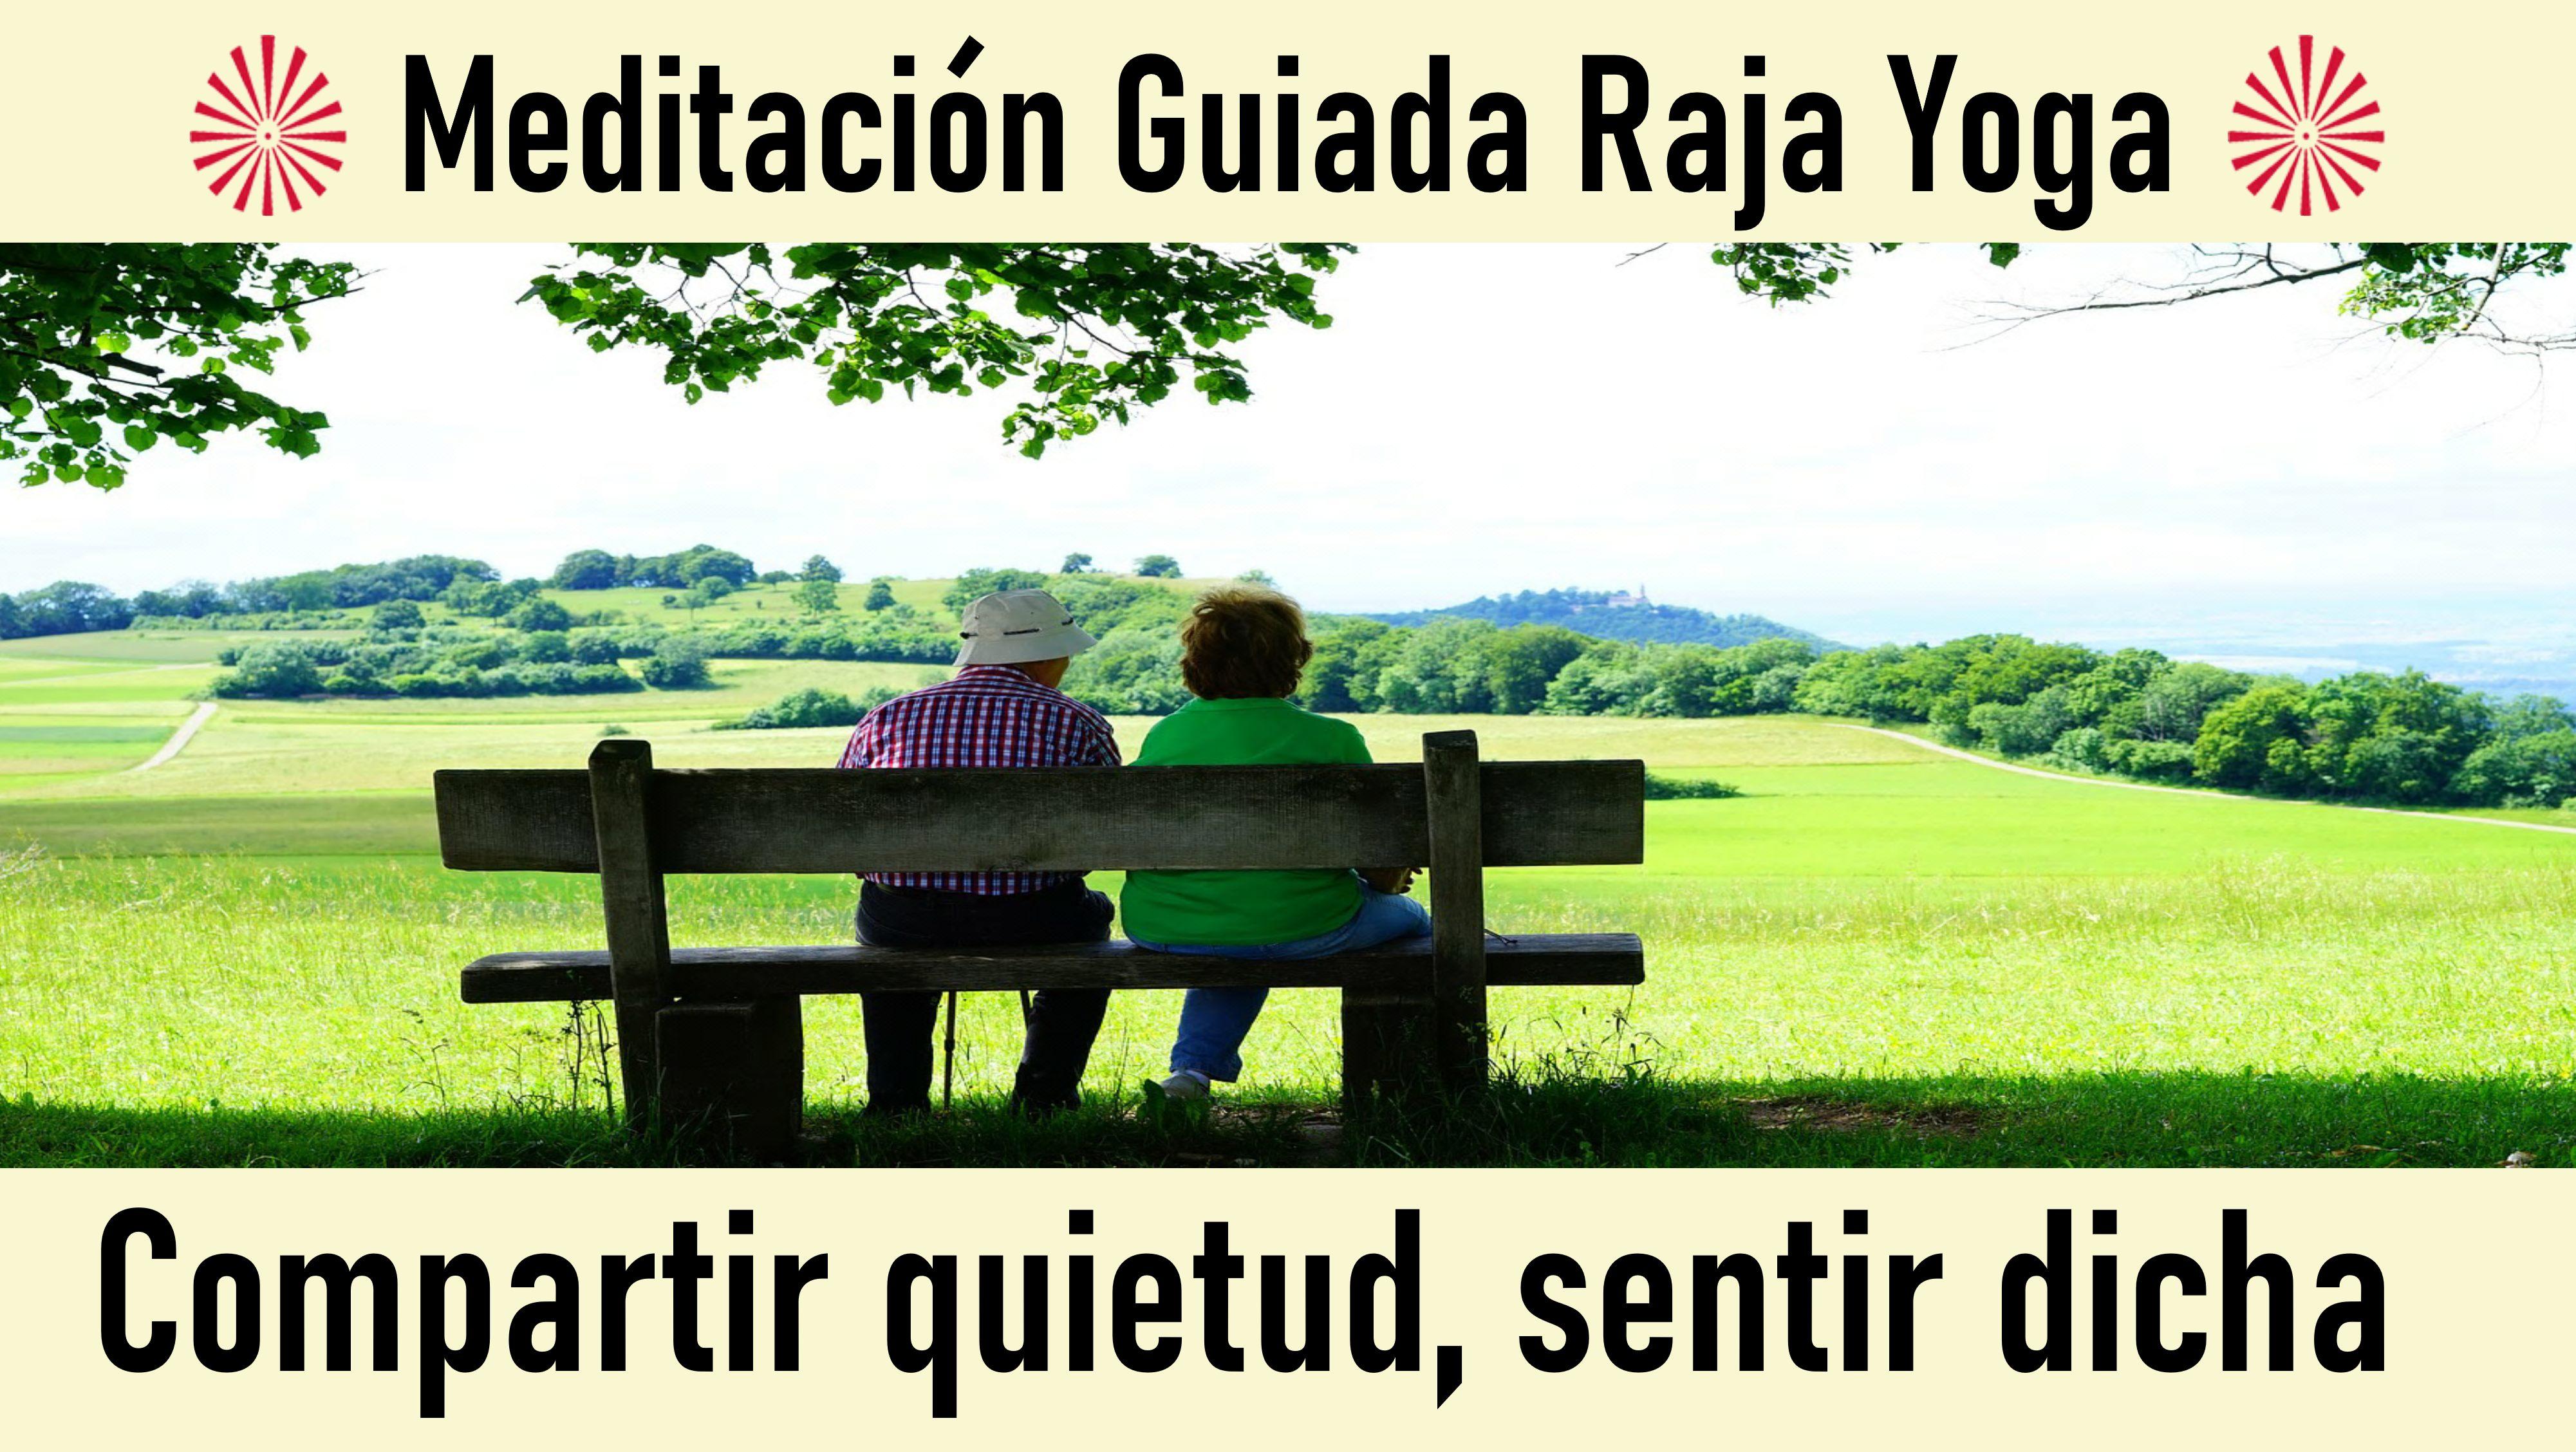 29 Mayo 2020 Meditación Guiada: Compartir quietud, sentir dicha